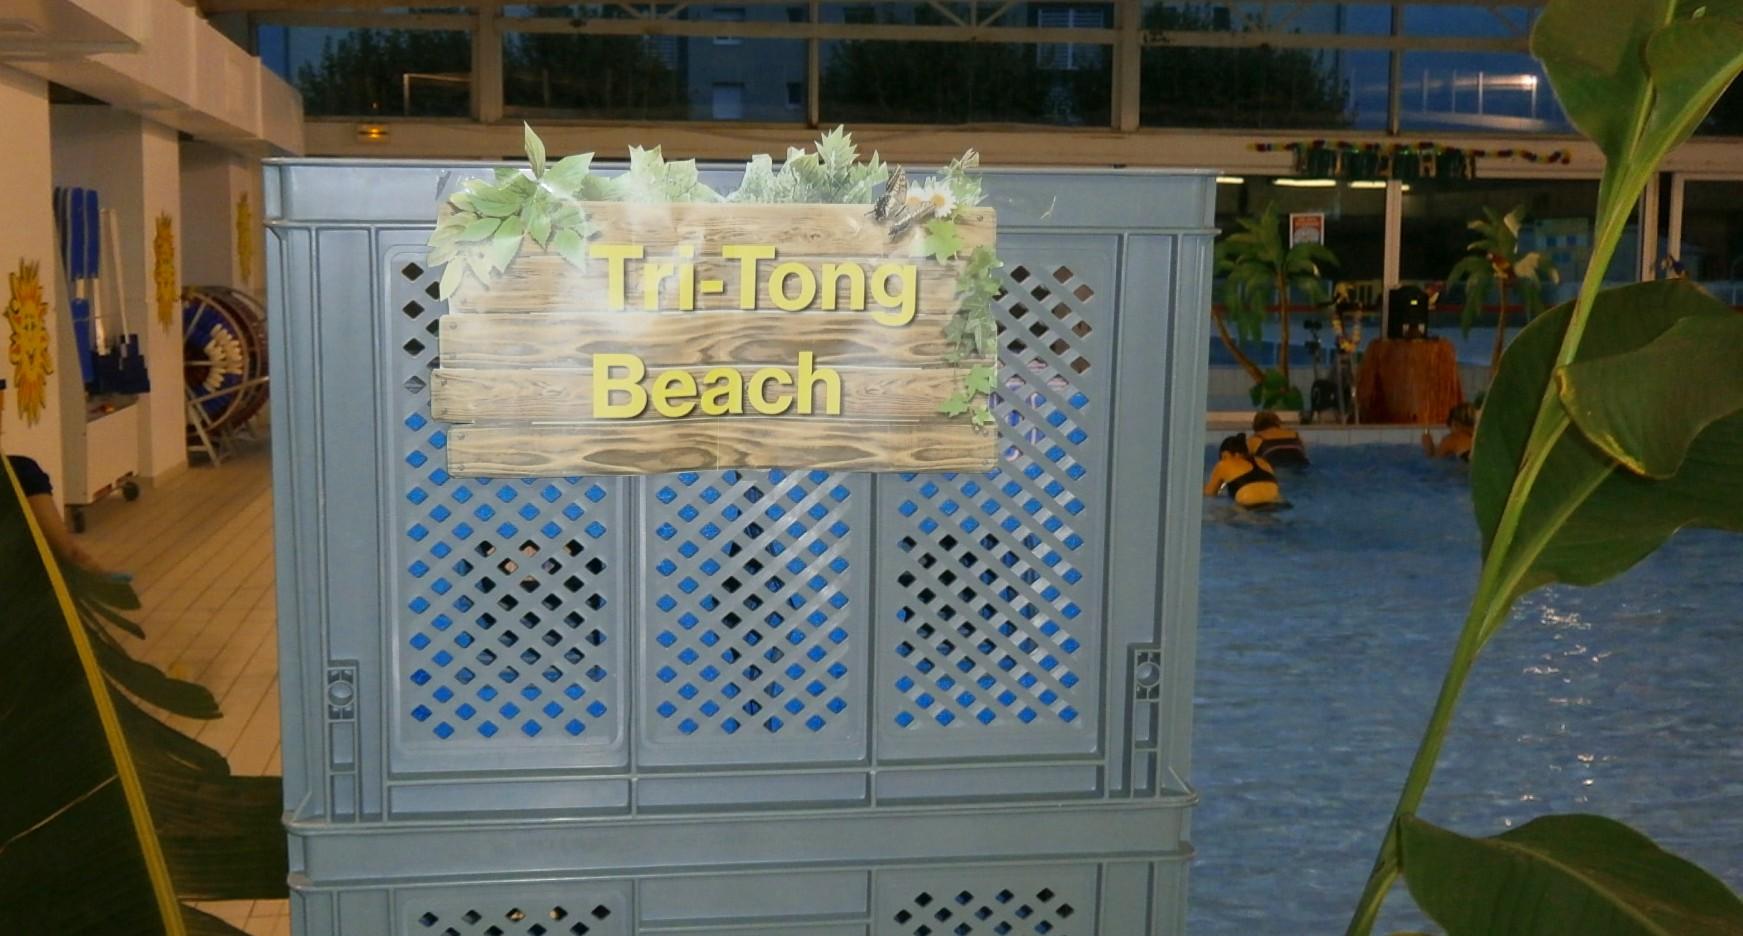 Tri-tong Beach, tombée de la nuit